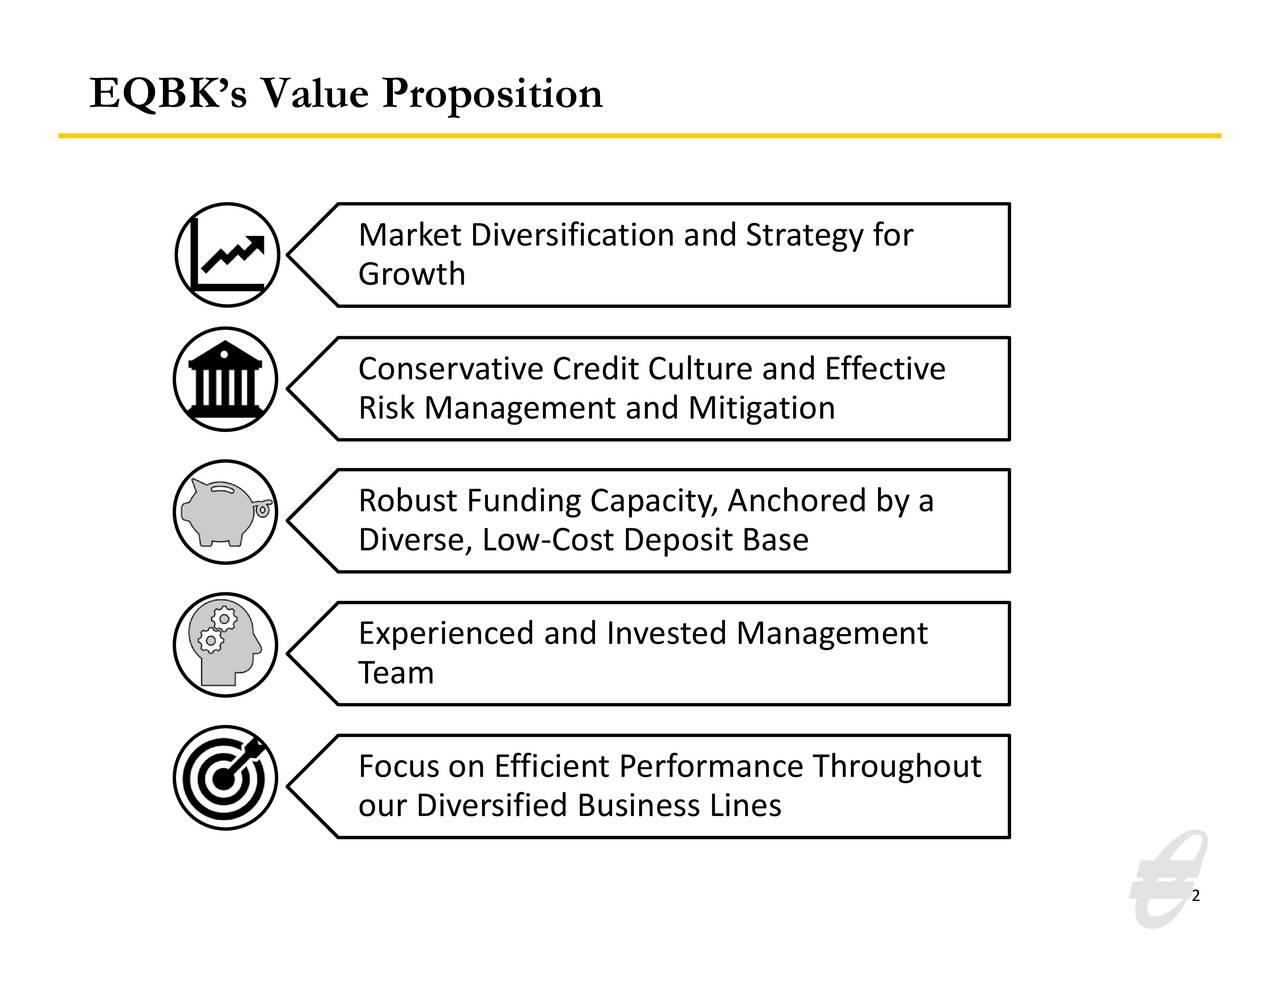 Propuesta de valor de EQBK